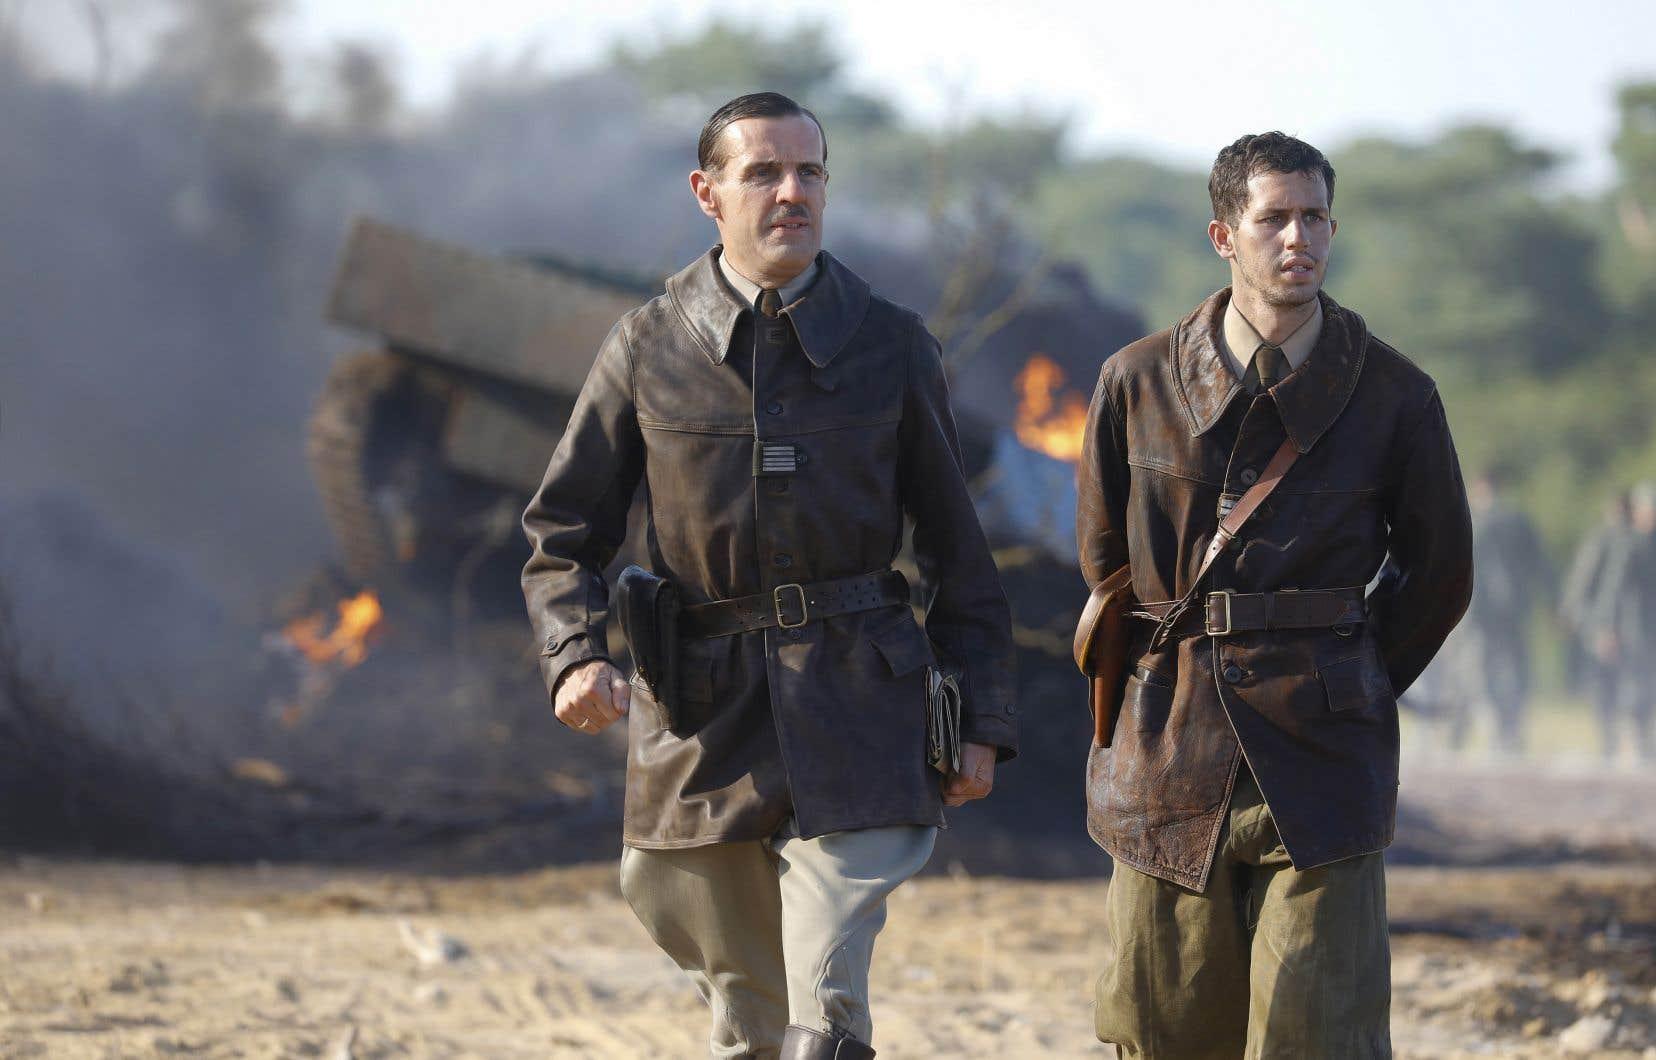 Avec «De Gaulle», le réalisateur Gabriel Le Bomin propose un drame biographique non dénué d'intérêt, mais poussiéreux pas à peu près.